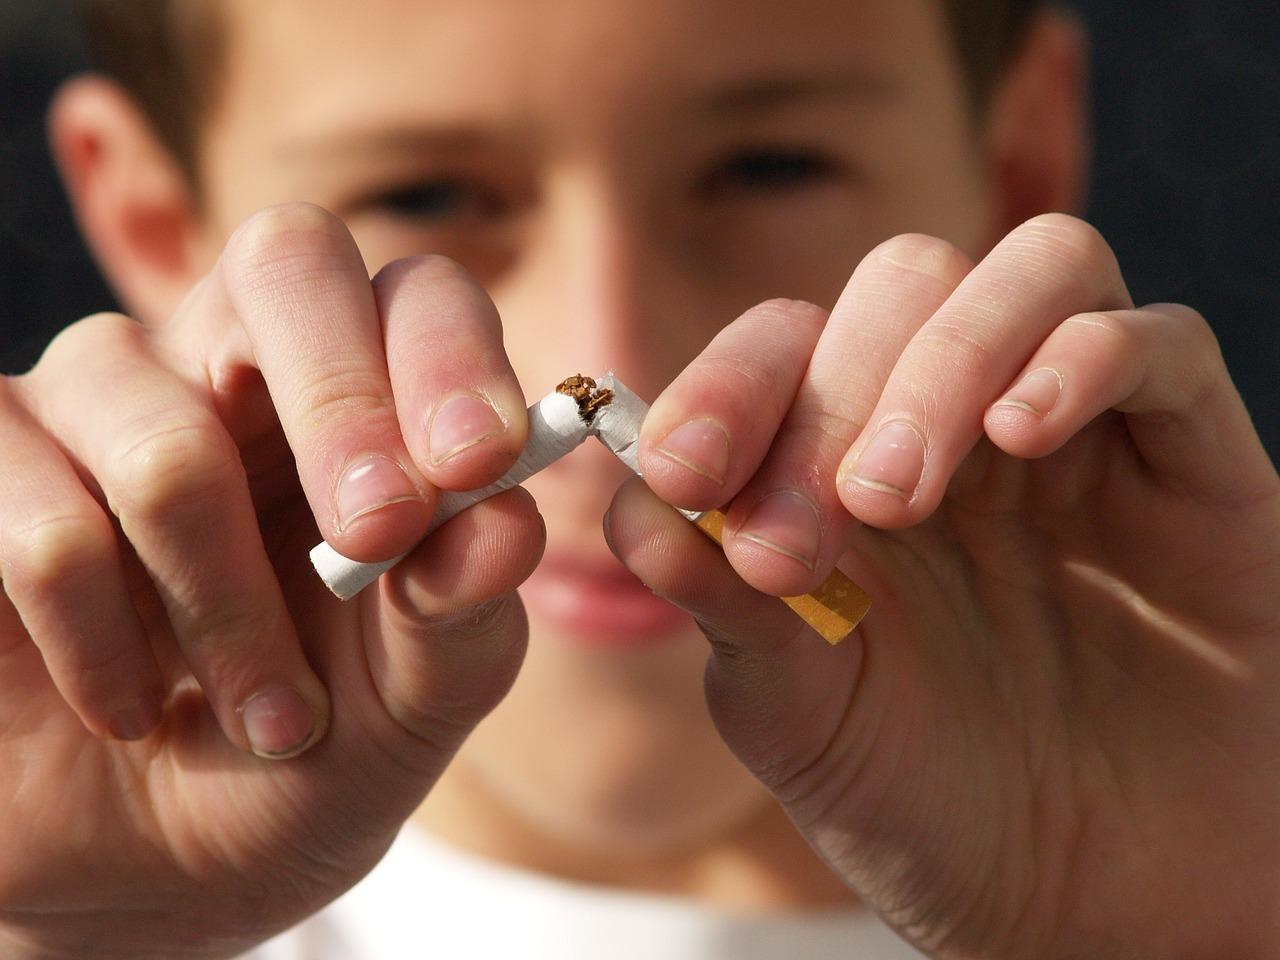 non smoking 2497308 1280